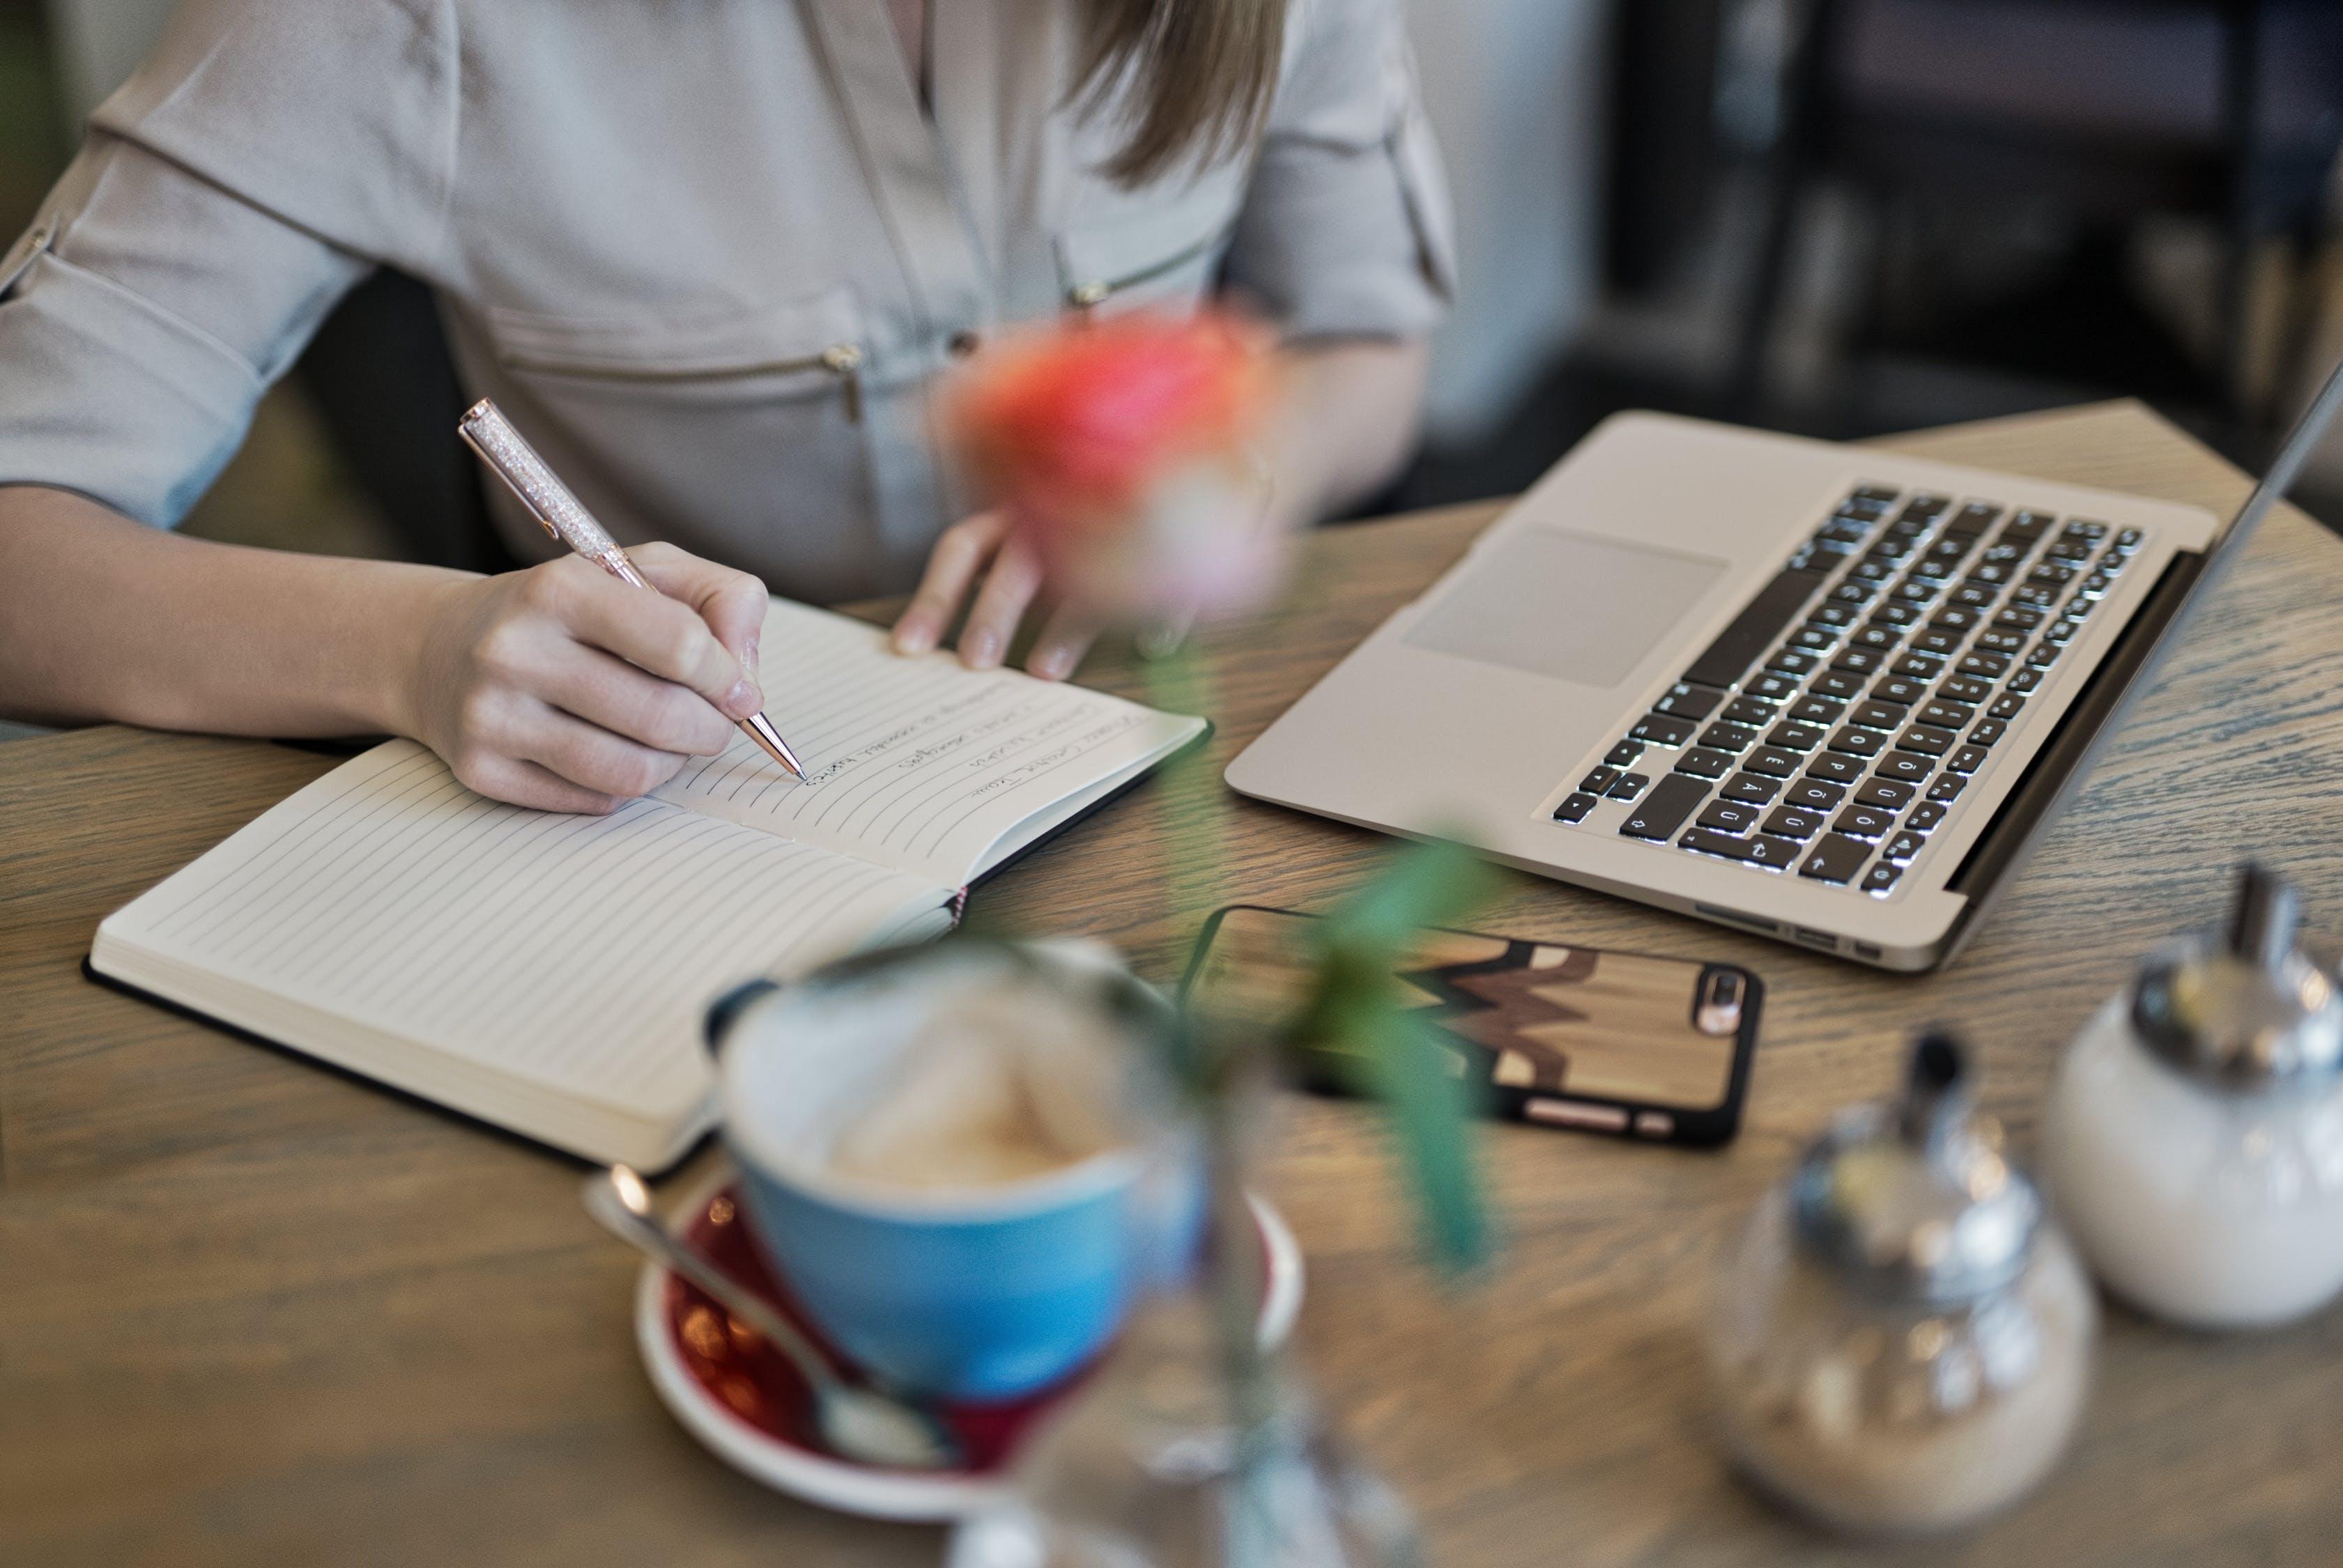 Selain pereda  stres, ini manfaat lain menulis langsung dengan tangan